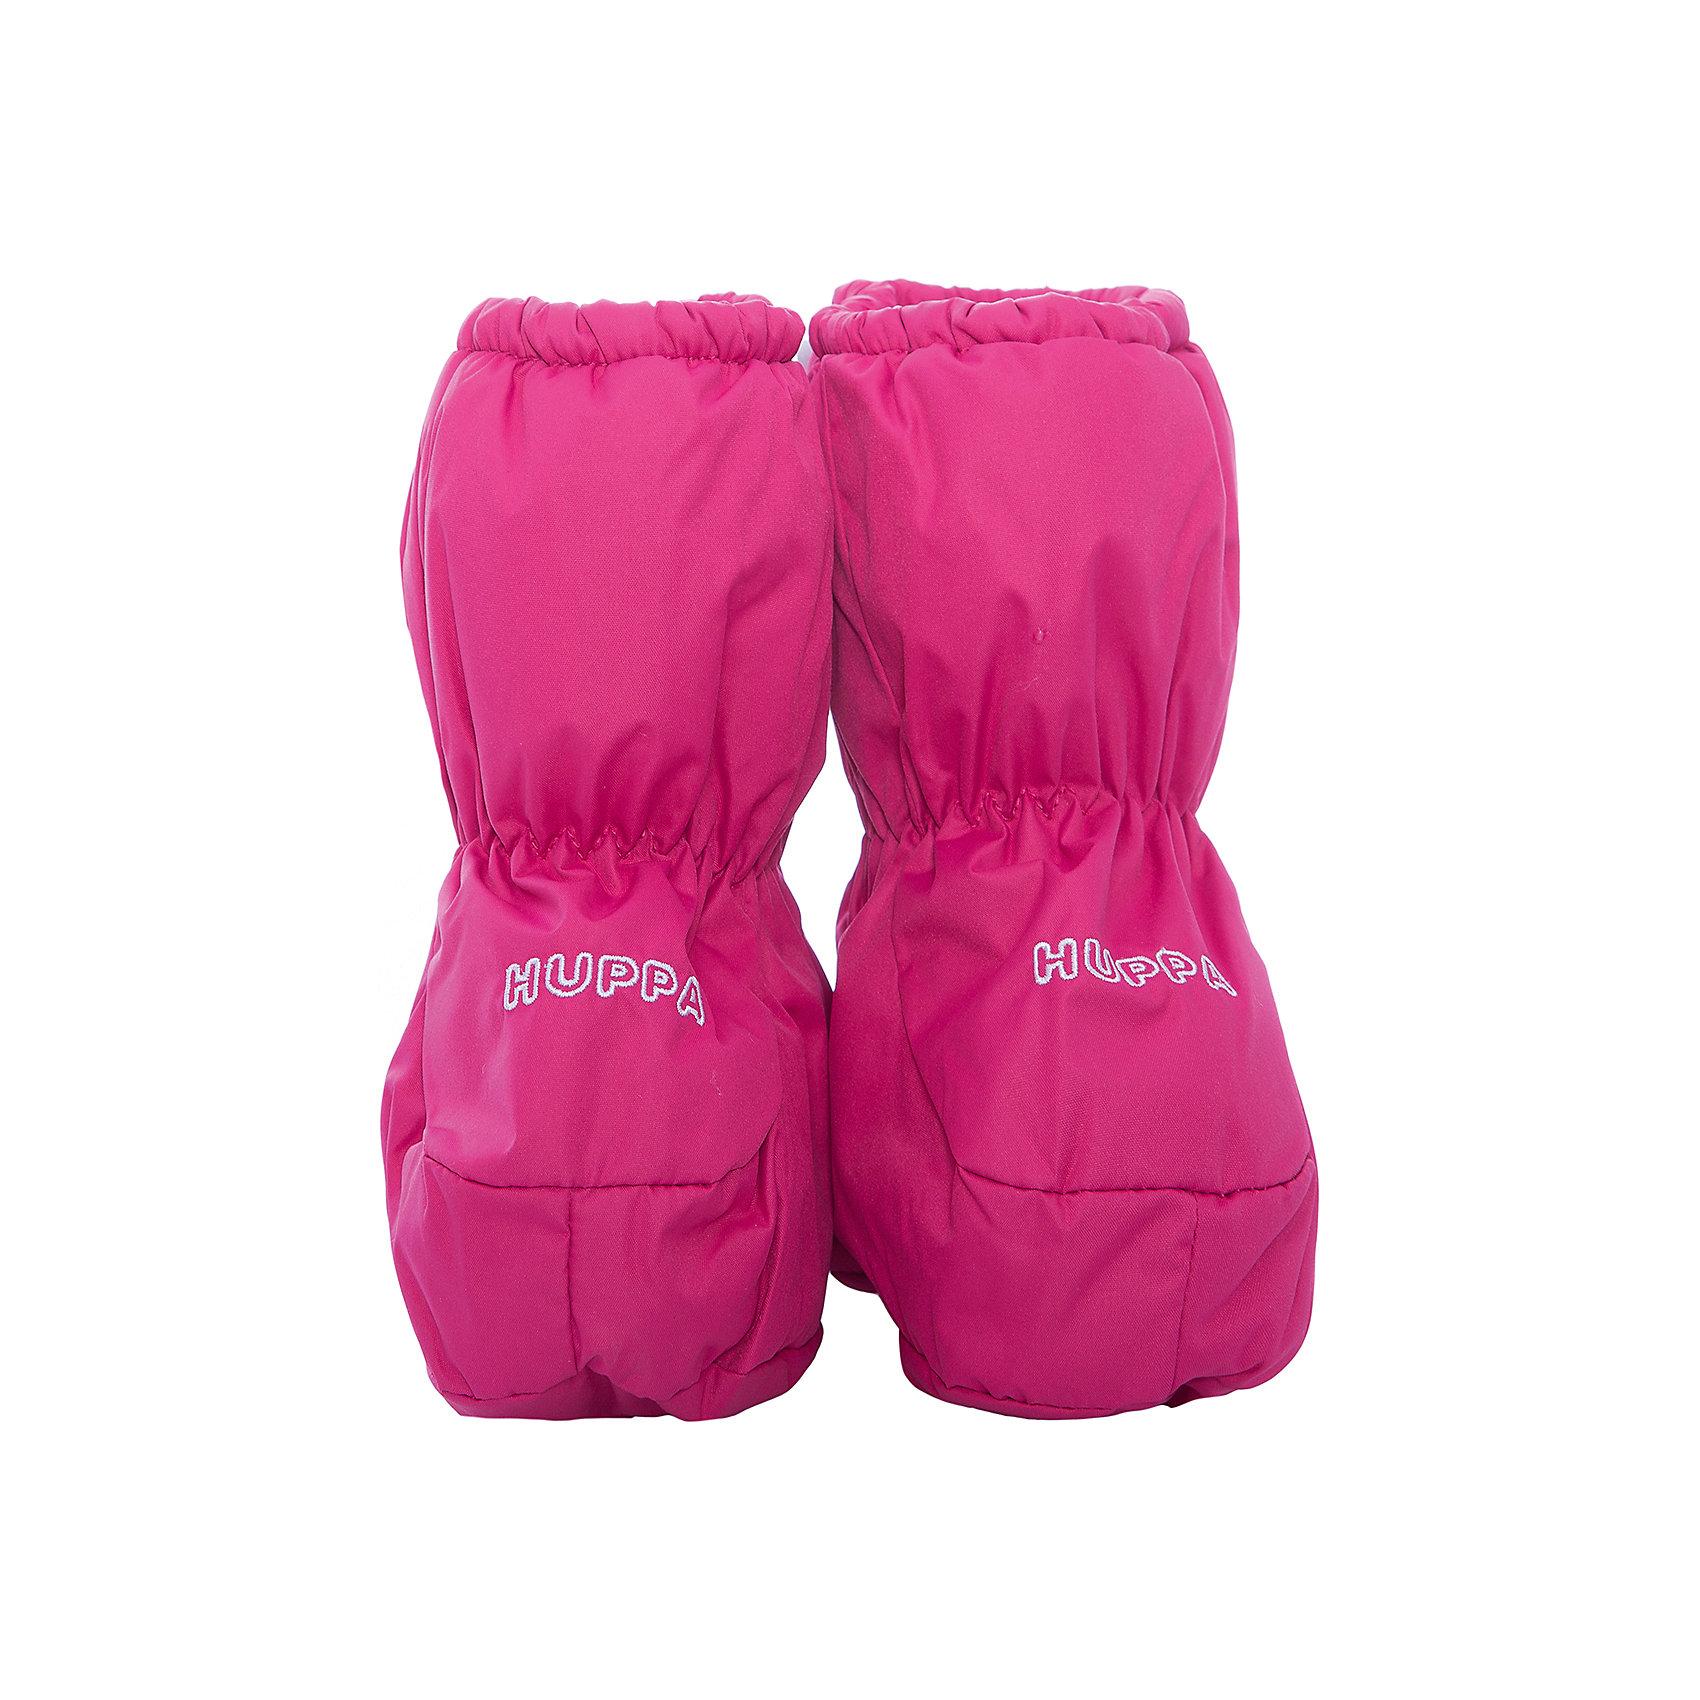 Пинетки для девочки HuppaПинетки и царапки<br>Пинетки  Huppa<br><br>Первые прогулочные пинетки для коляски, согреют Вашего малыша в прохладную погоду.<br><br>Состав: 100% Полиэстер<br><br>Ширина мм: 157<br>Глубина мм: 13<br>Высота мм: 119<br>Вес г: 200<br>Цвет: розовый<br>Возраст от месяцев: 0<br>Возраст до месяцев: 12<br>Пол: Женский<br>Возраст: Детский<br>Размер: one size<br>SKU: 4923947